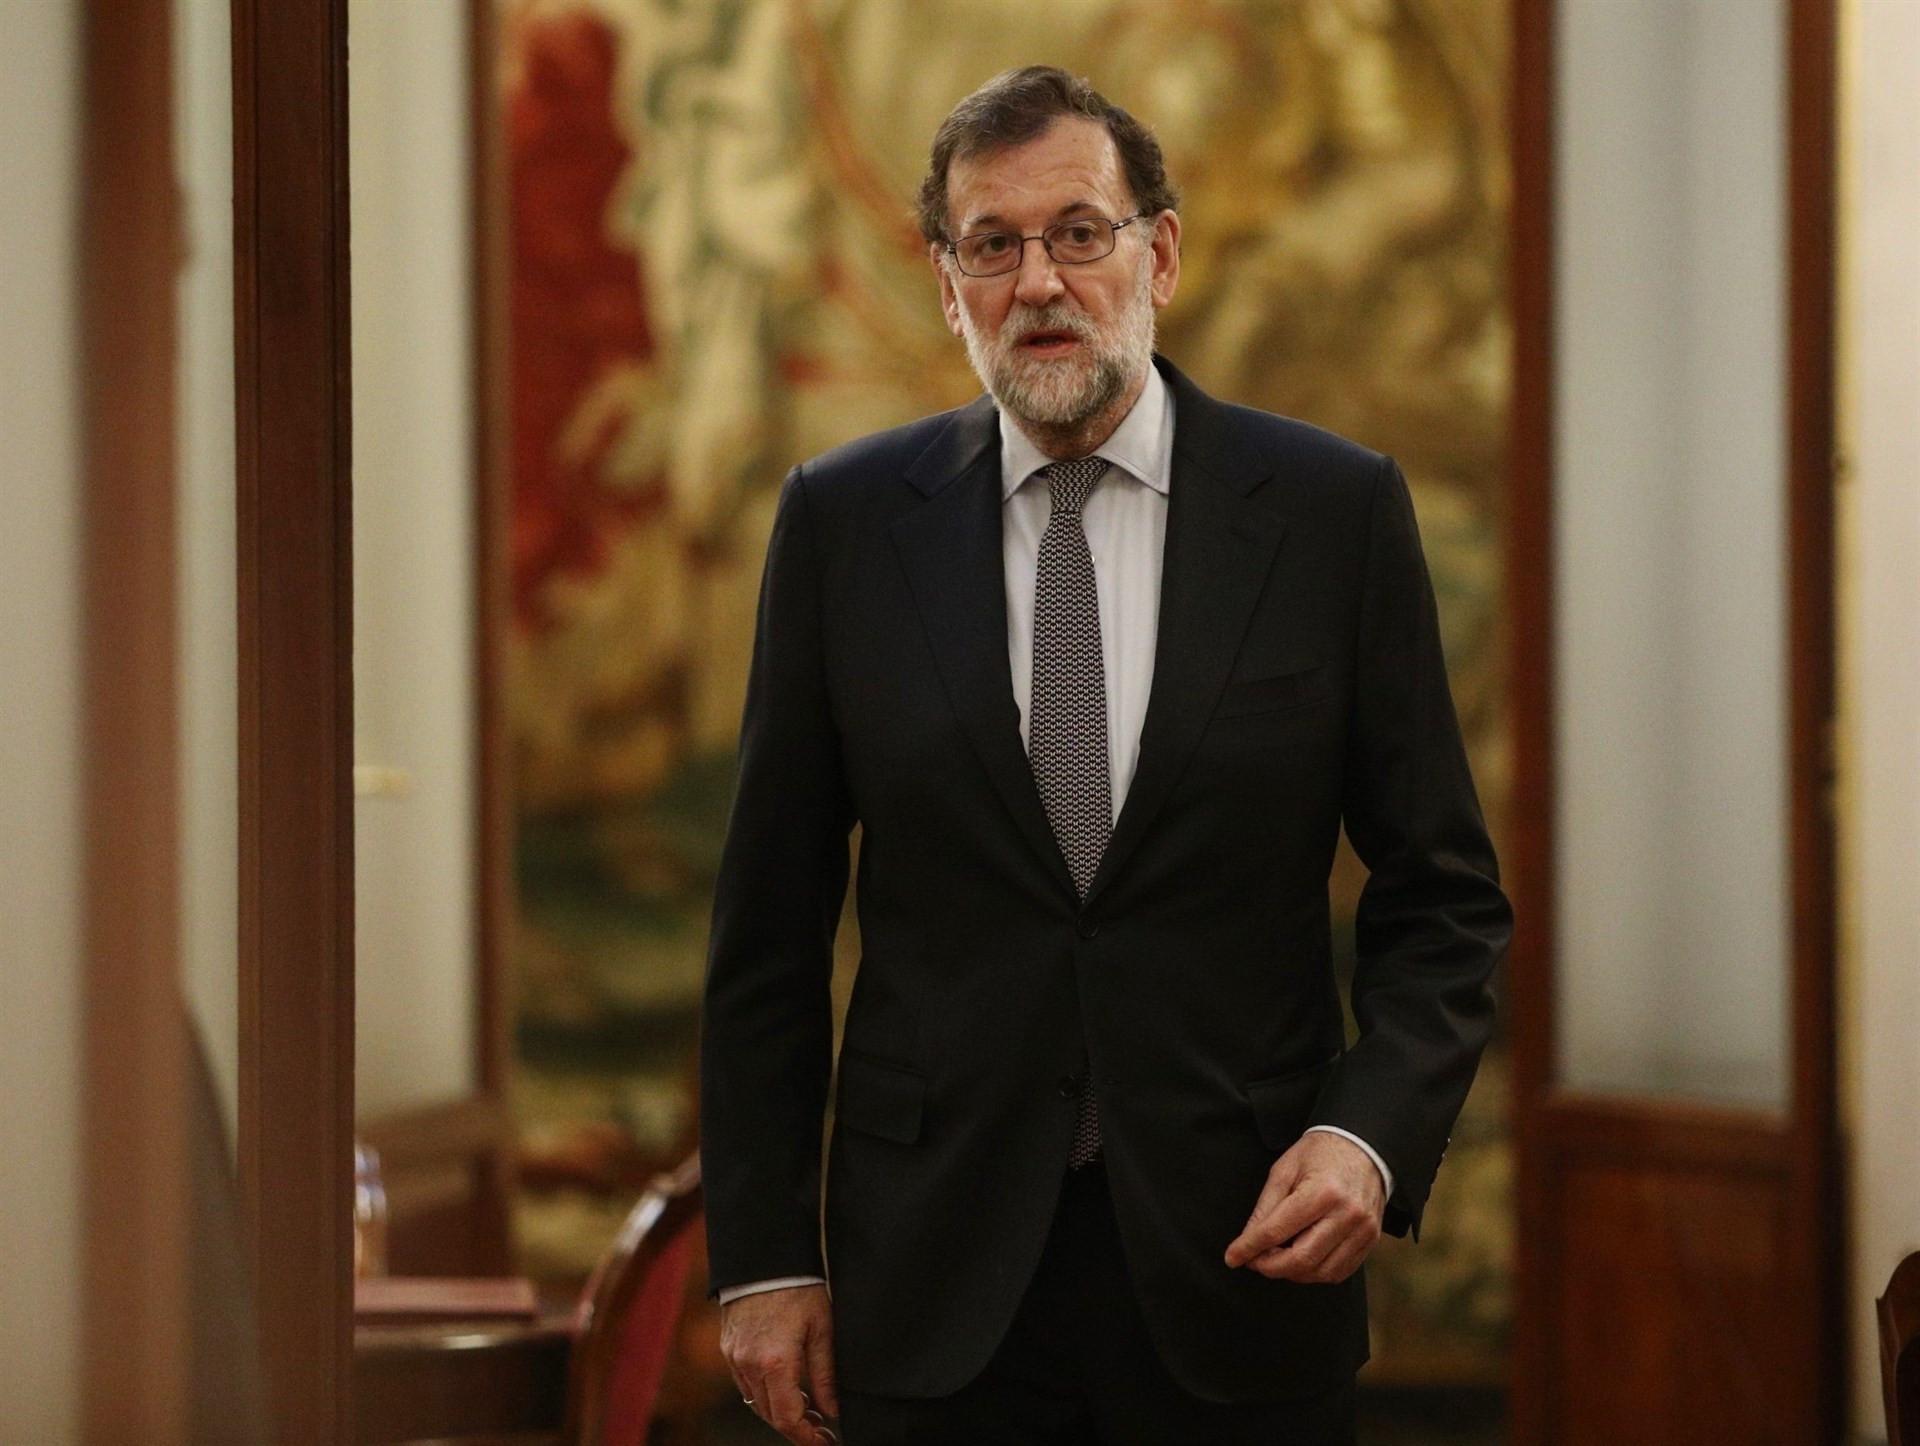 Rajoy20172 1